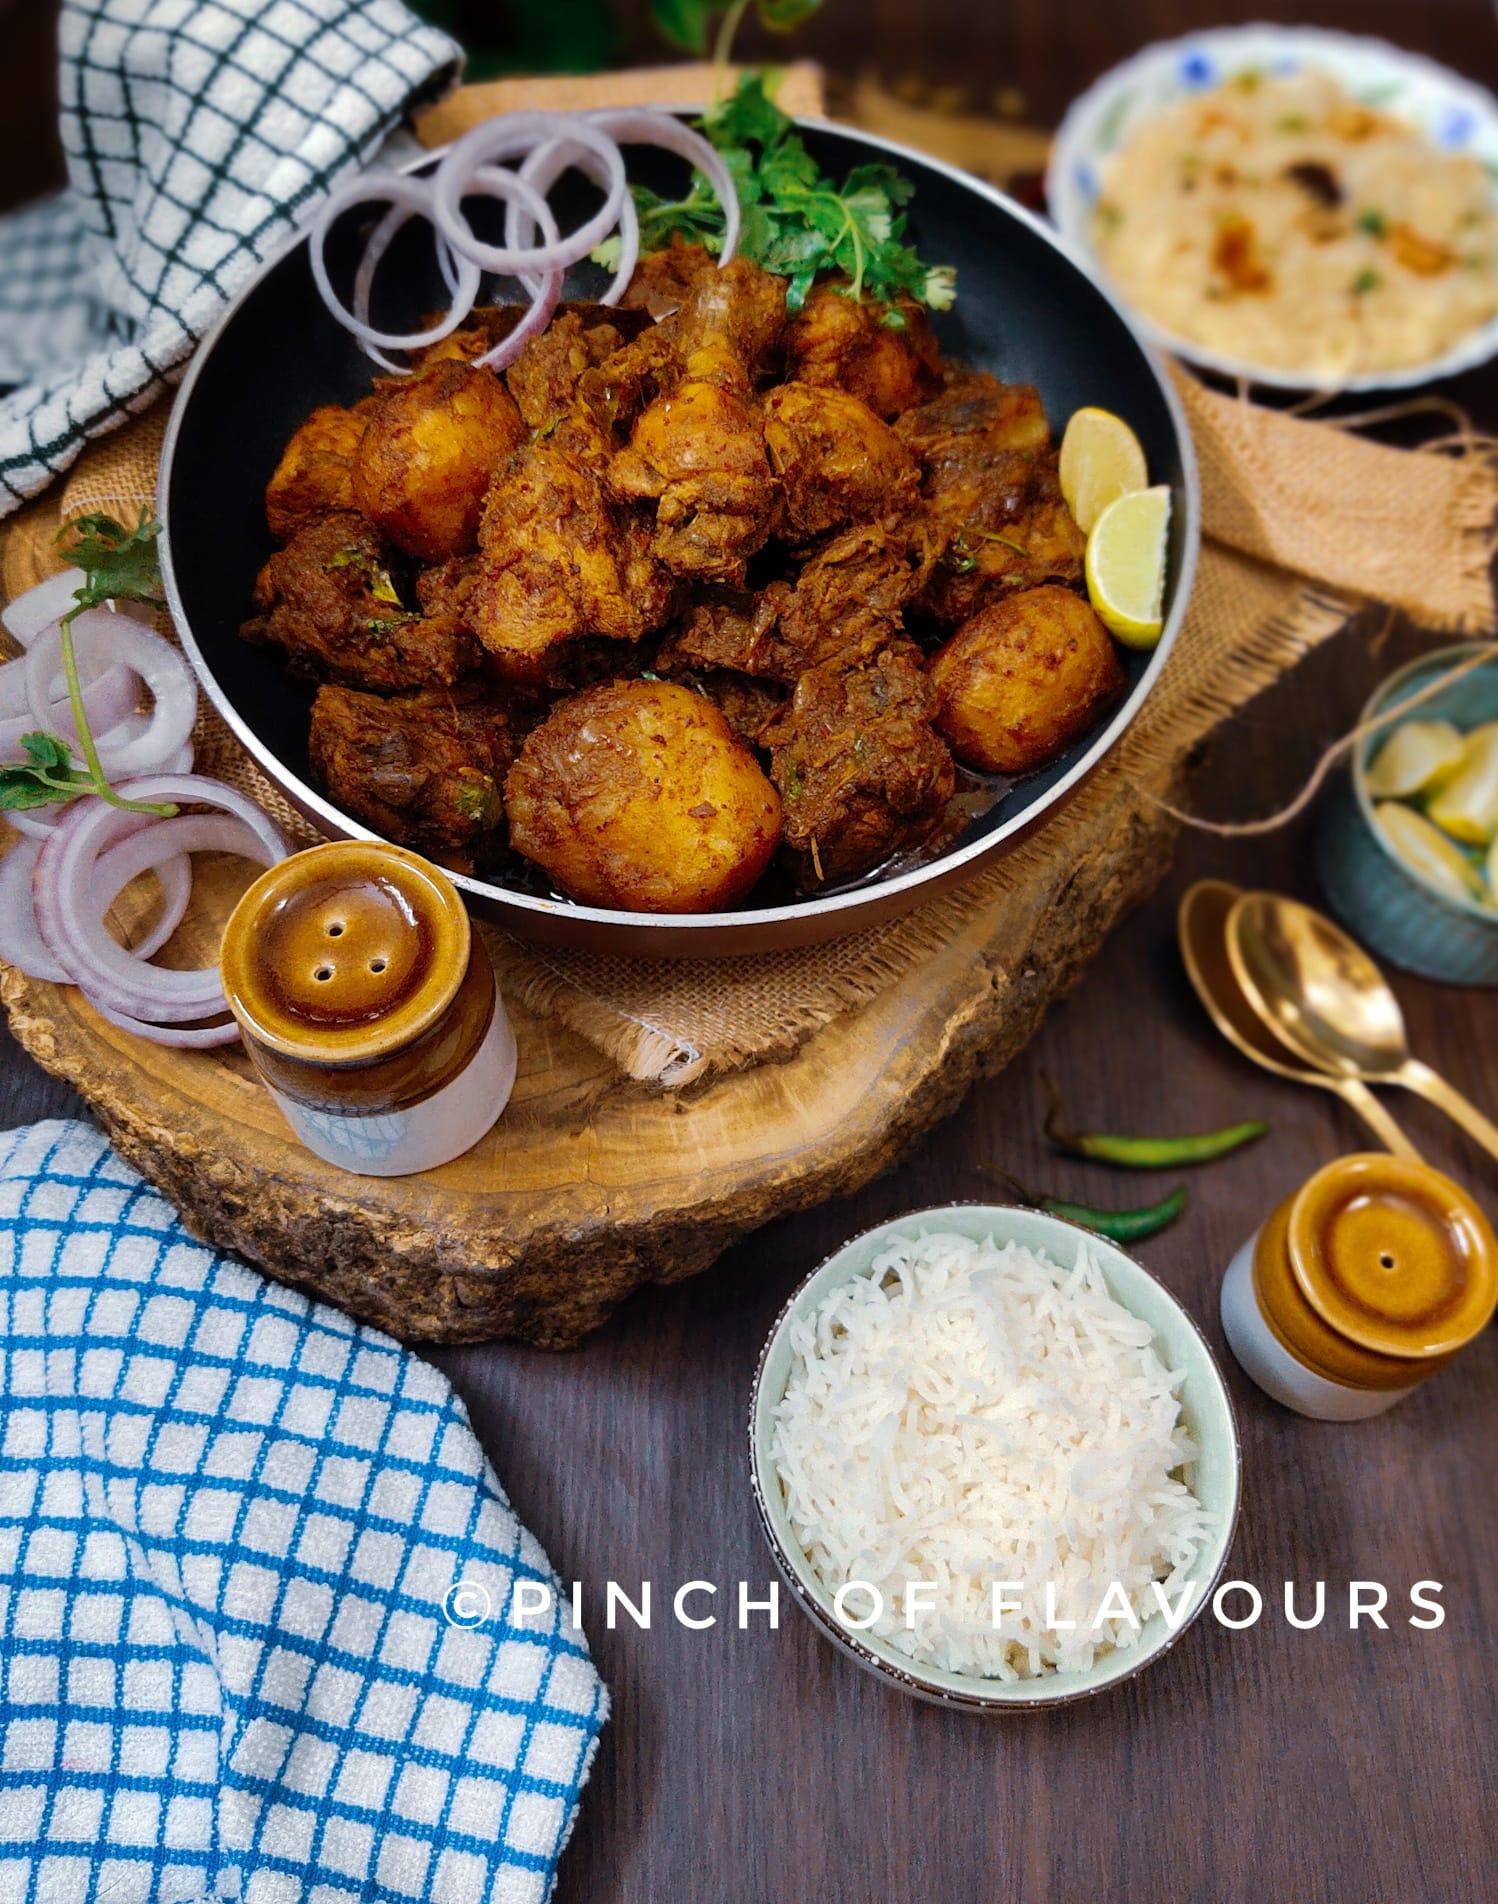 Bengali bhuna chicken masala